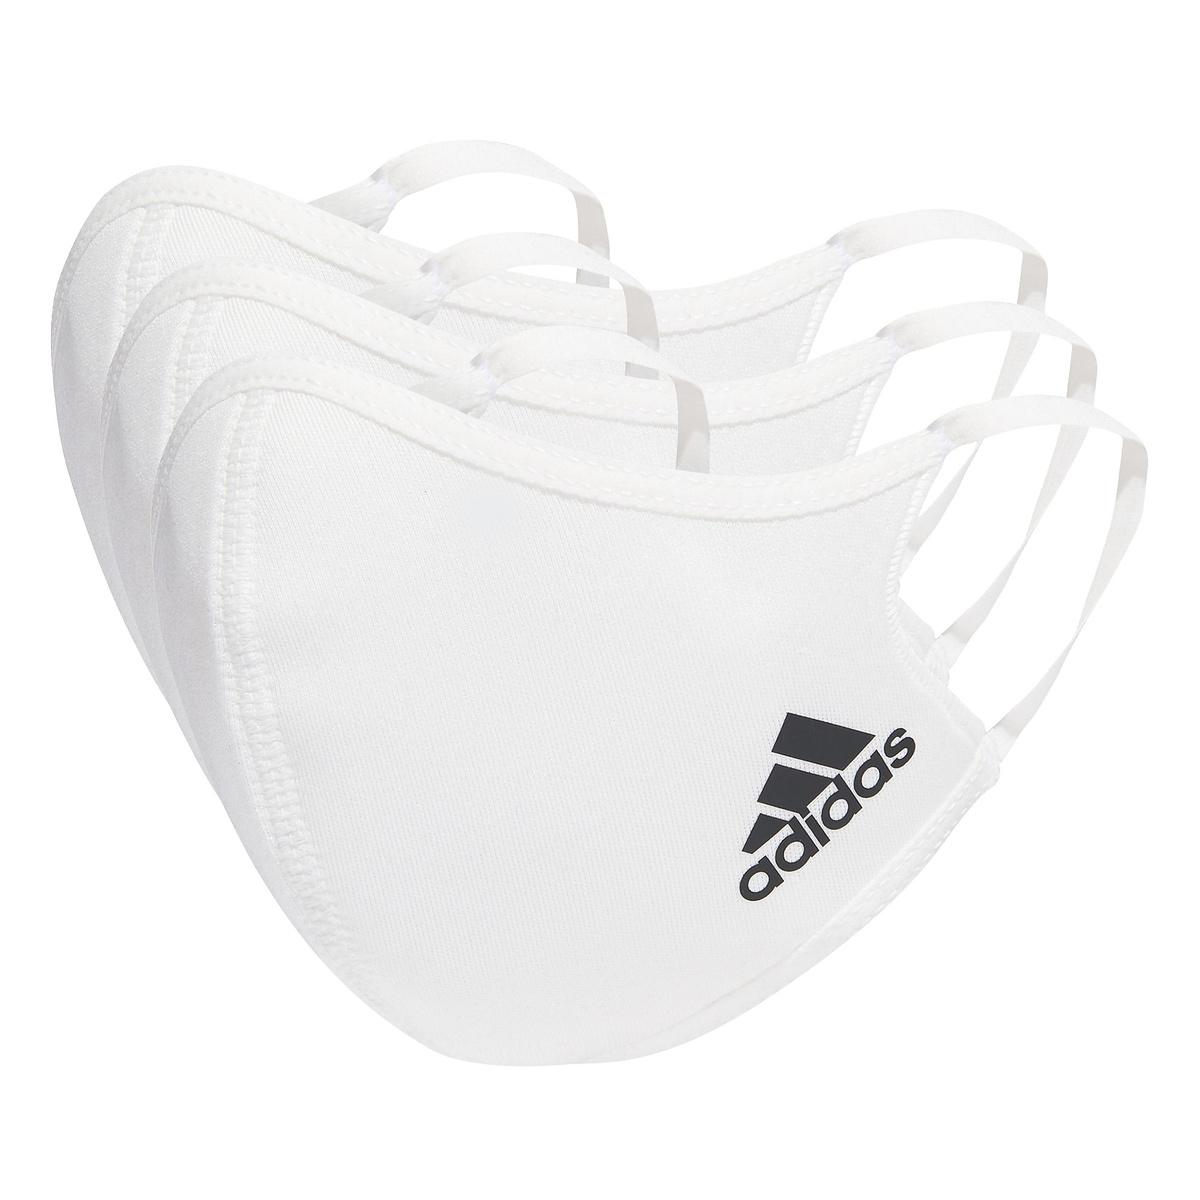 アディダス スポーツアクセサリー 雑貨 フェイスカバー 3枚組(XS/S) / Face Covers XS/S 3-Pack adidas ● adidas (アディダス) フェイスカバー 3枚組(XS/S) / Face Covers XS/S 3-Pack スポーツアクセサリー 雑貨 ジュニア NS ホワイト/ブラック JMC44 H34588